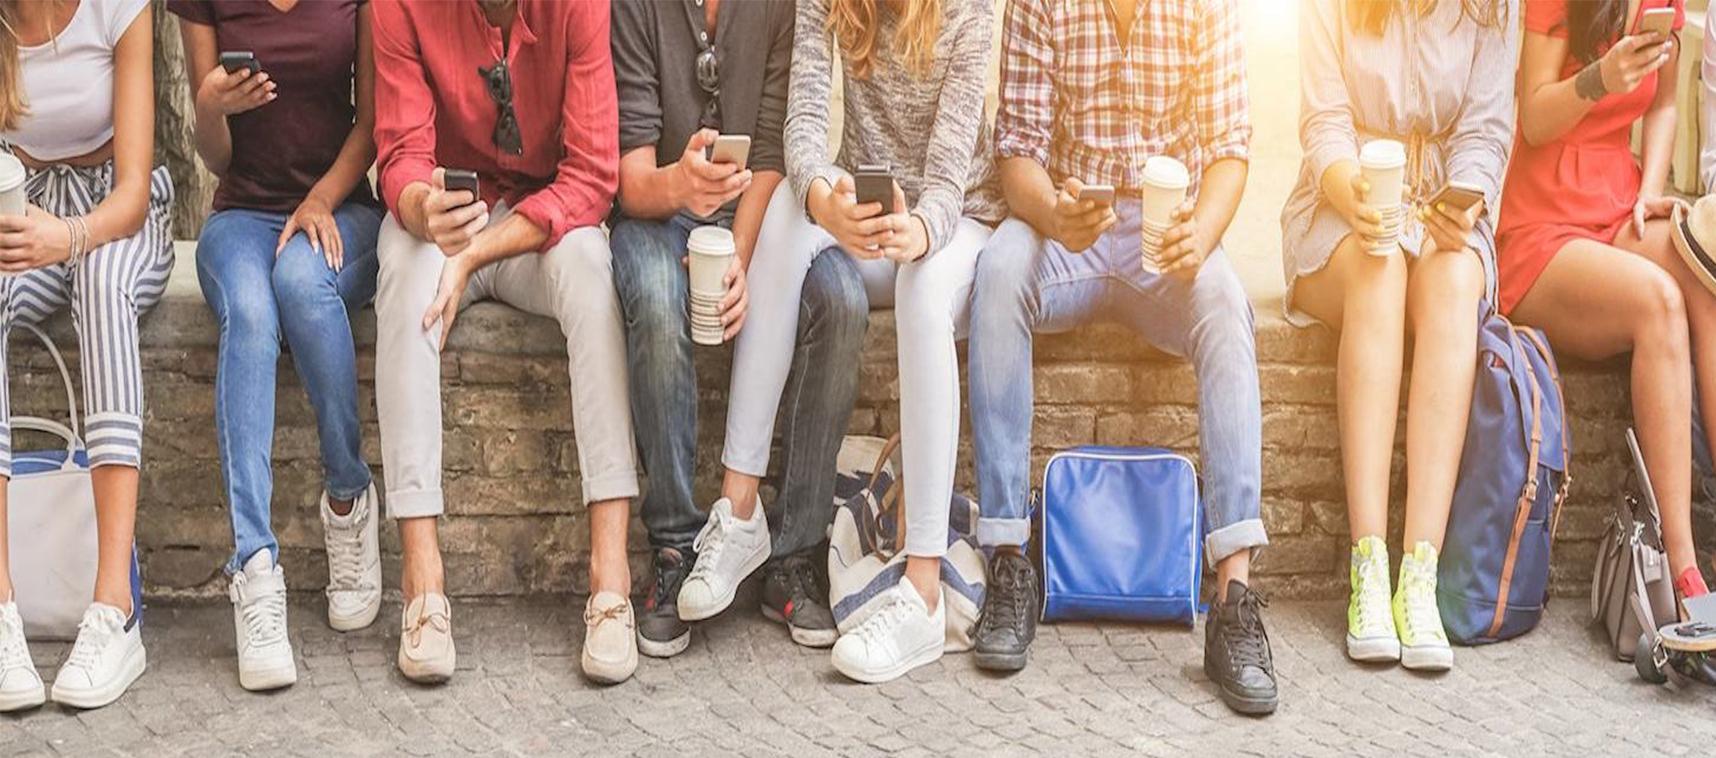 4 Gründe, warum VERO die neue Trend-App wird